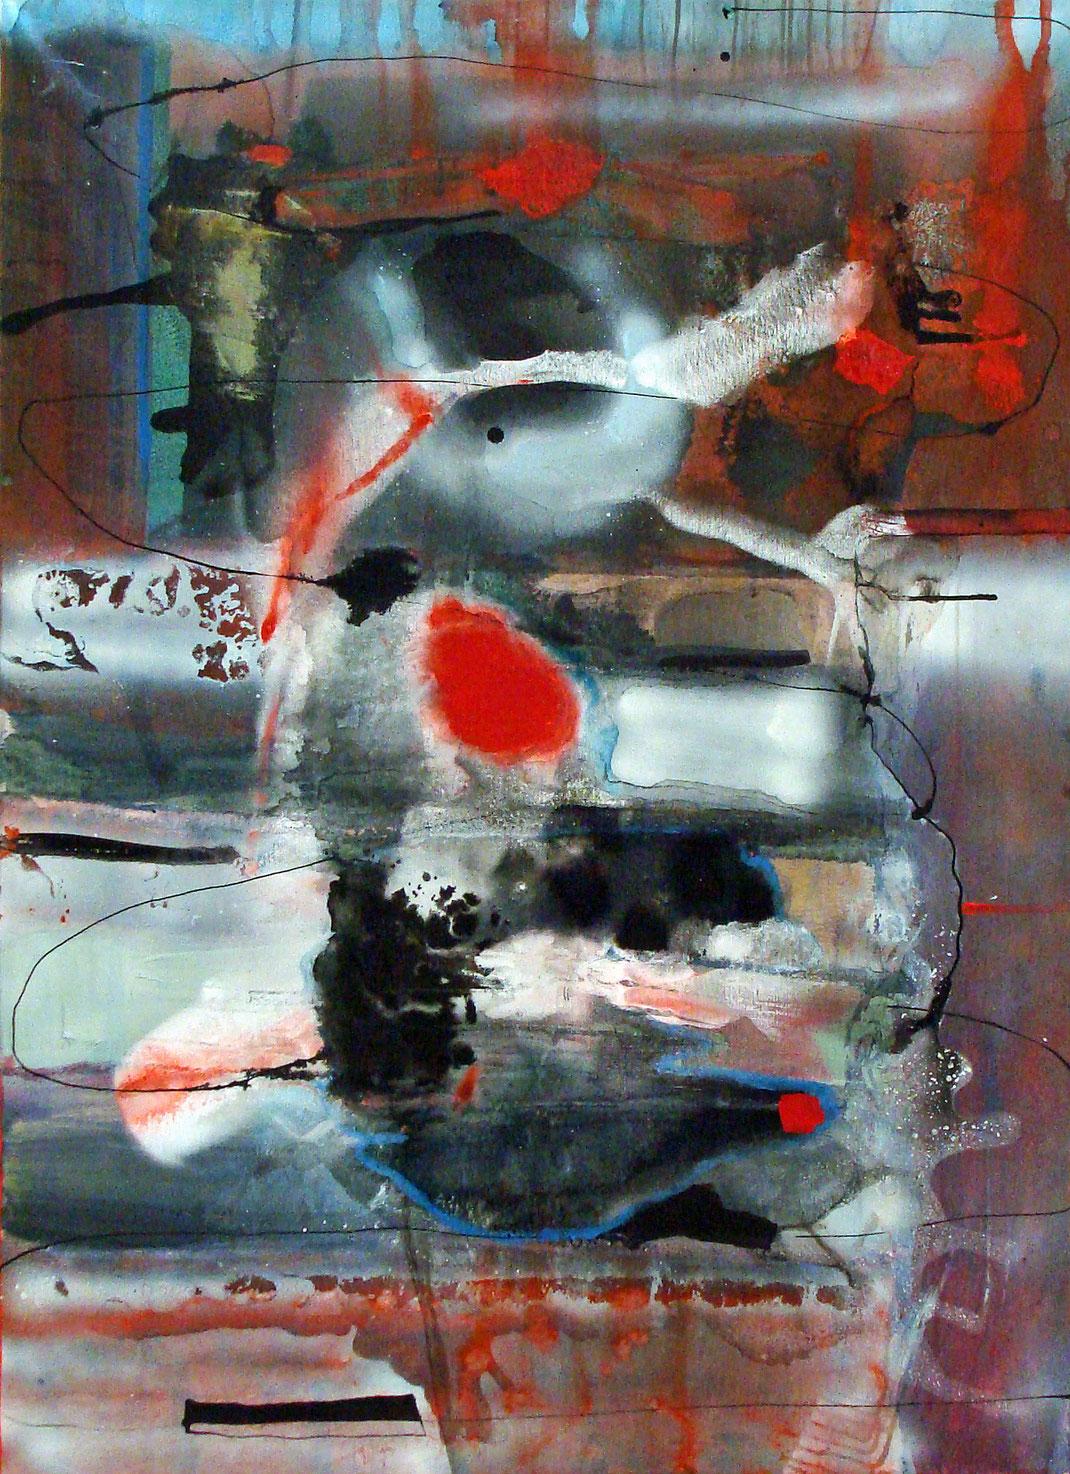 abstrakt, Malerei, Zeichentusche, Kunstwerk, gegenstandslos, rot, grau, schwarz, Kunstsammlung, Kunstsammler, Kunst, Bildverkauf, zeitgenössisch, Hamburg, Künstlerin, Bildwelt